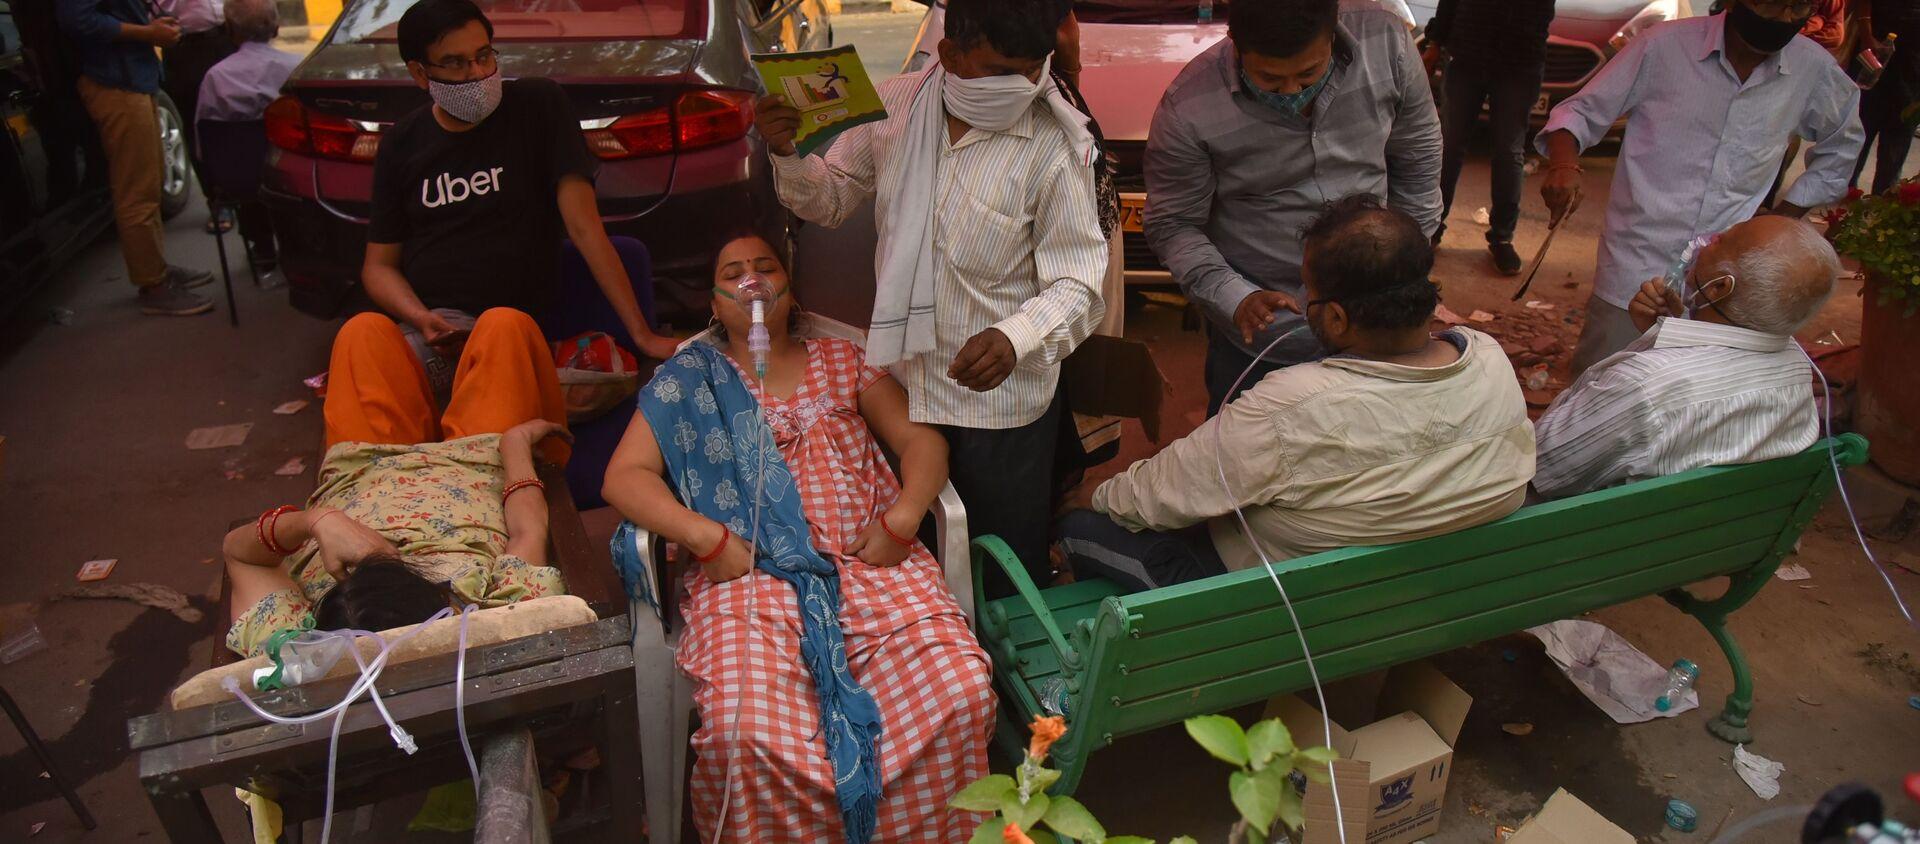 Люди, страдающие от проблем с дыханием, бесплатно получают кислородную поддержку в Гурудваре (сикхском храме) в Дели - Sputnik 日本, 1920, 05.07.2021